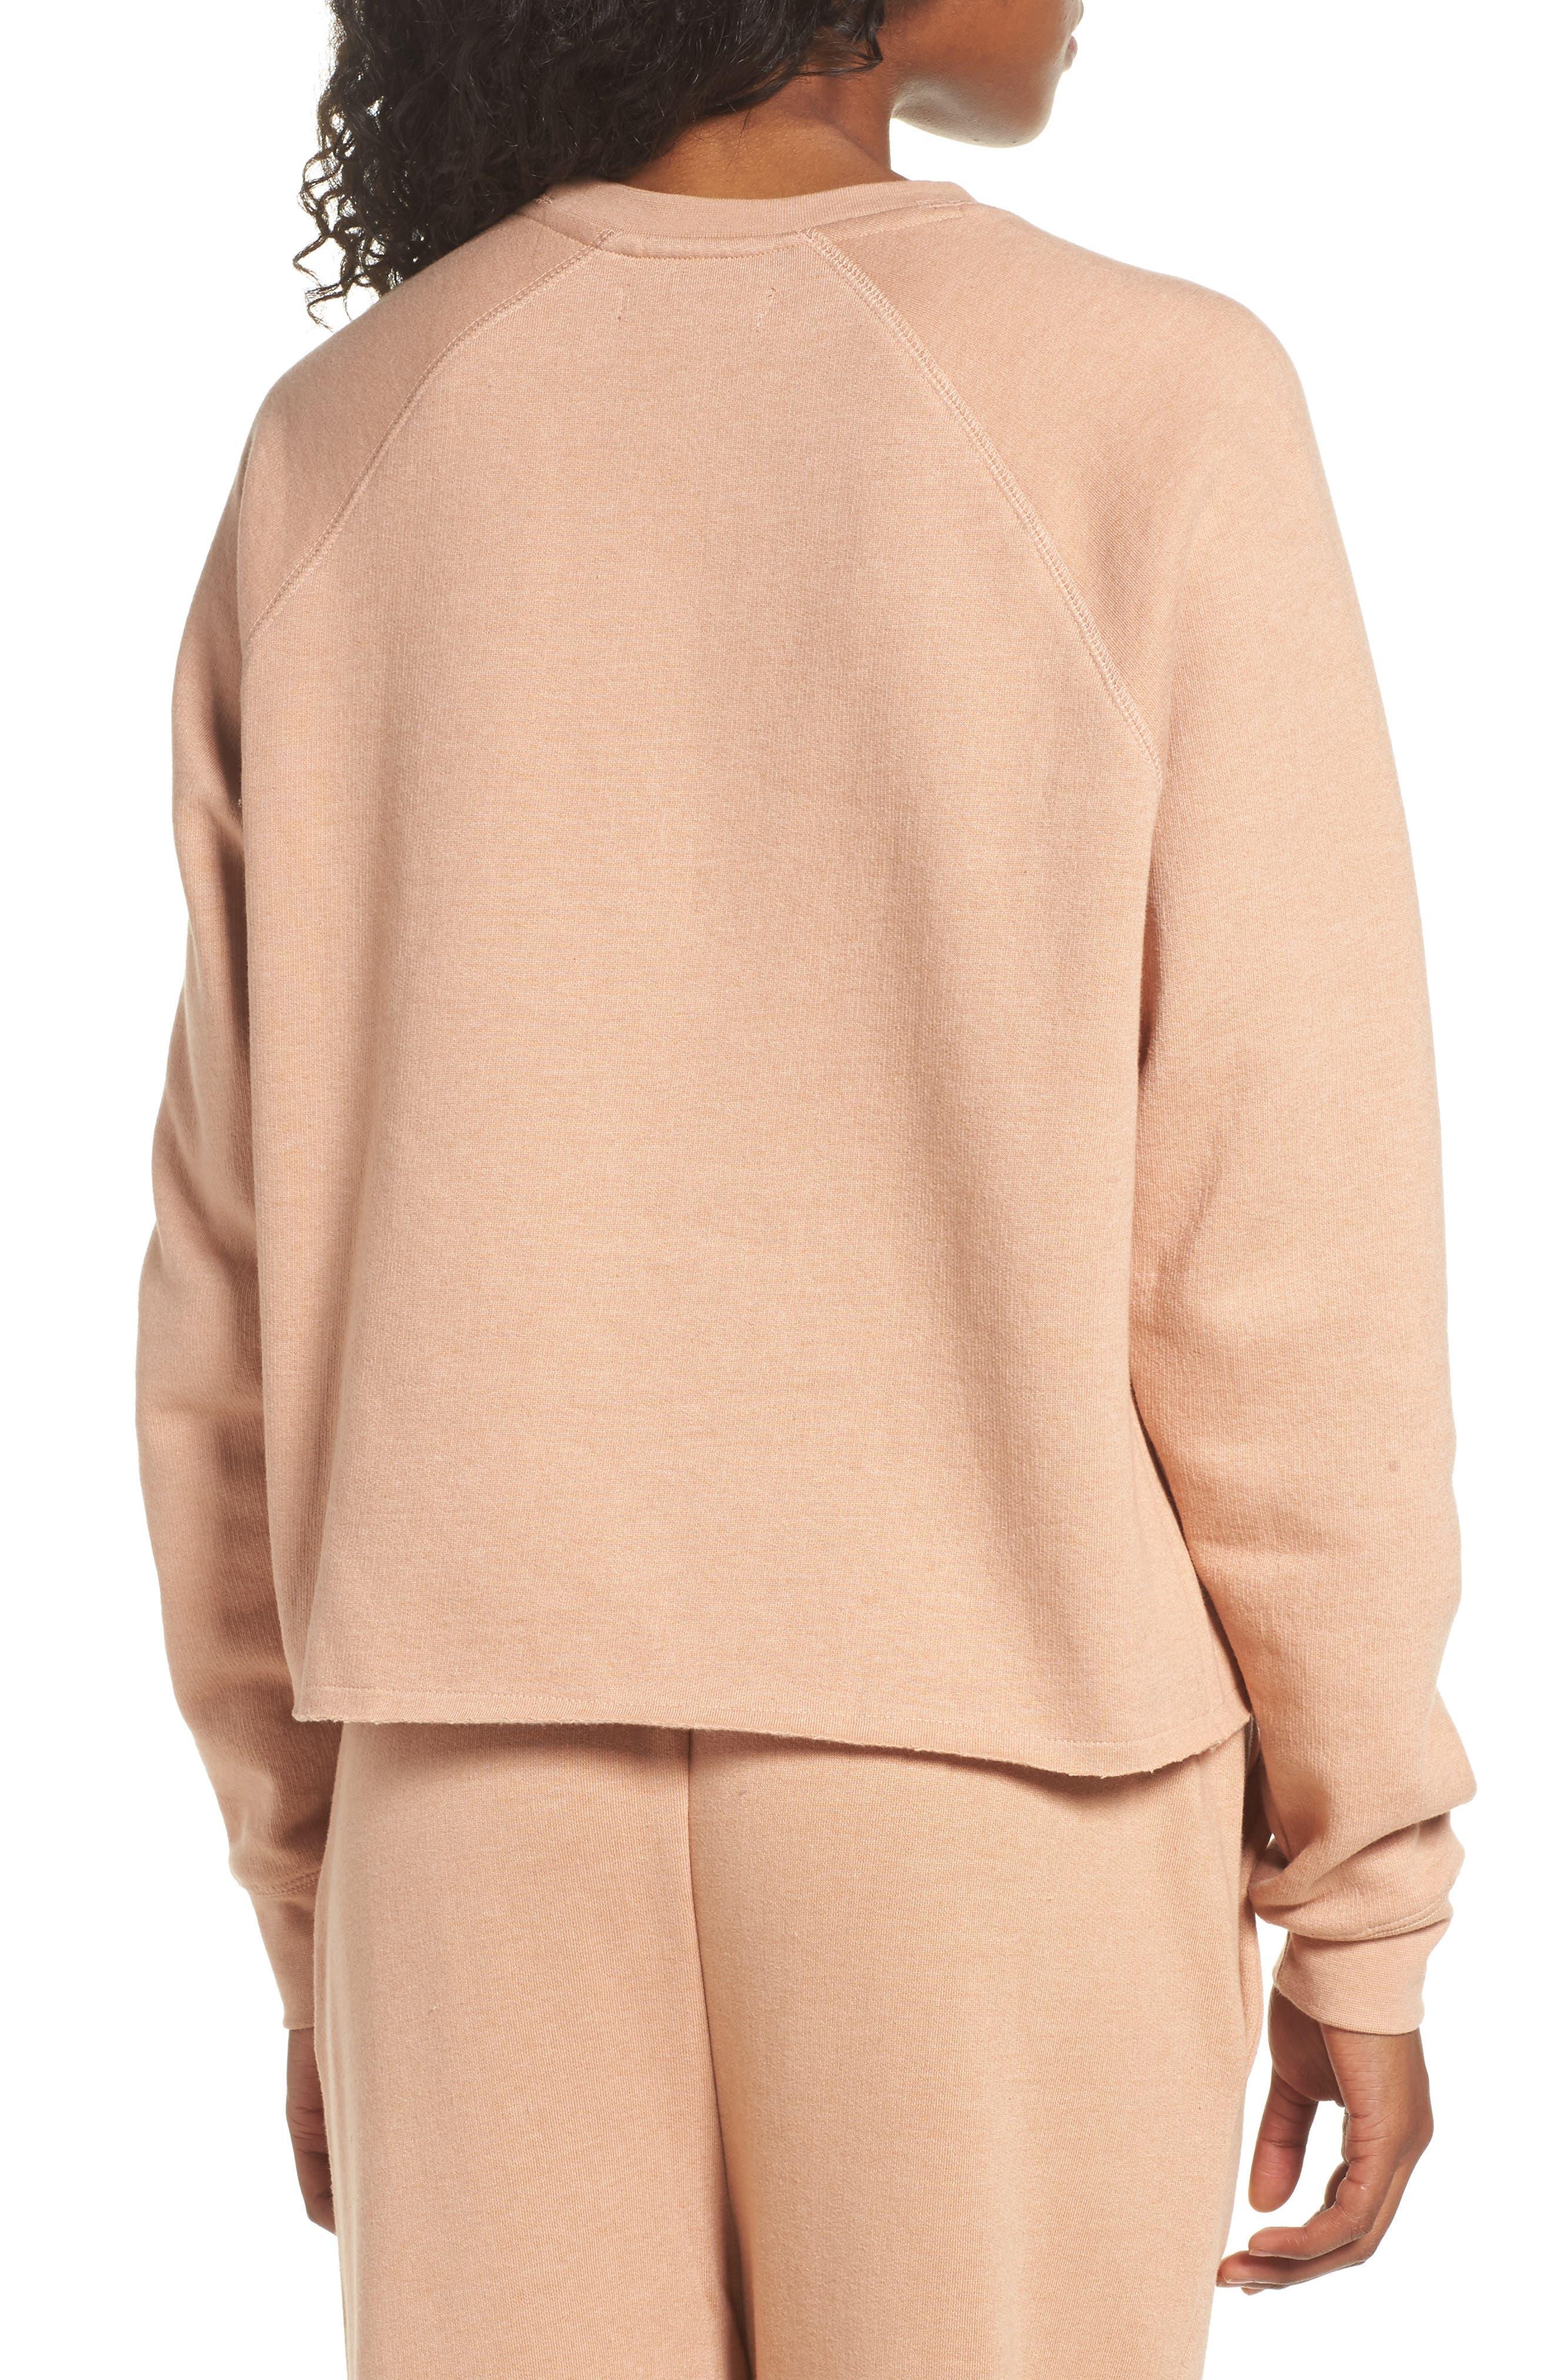 Alternate Image 2  - BRUNETTE the Label Middle Sister Brunette Sweatshirt